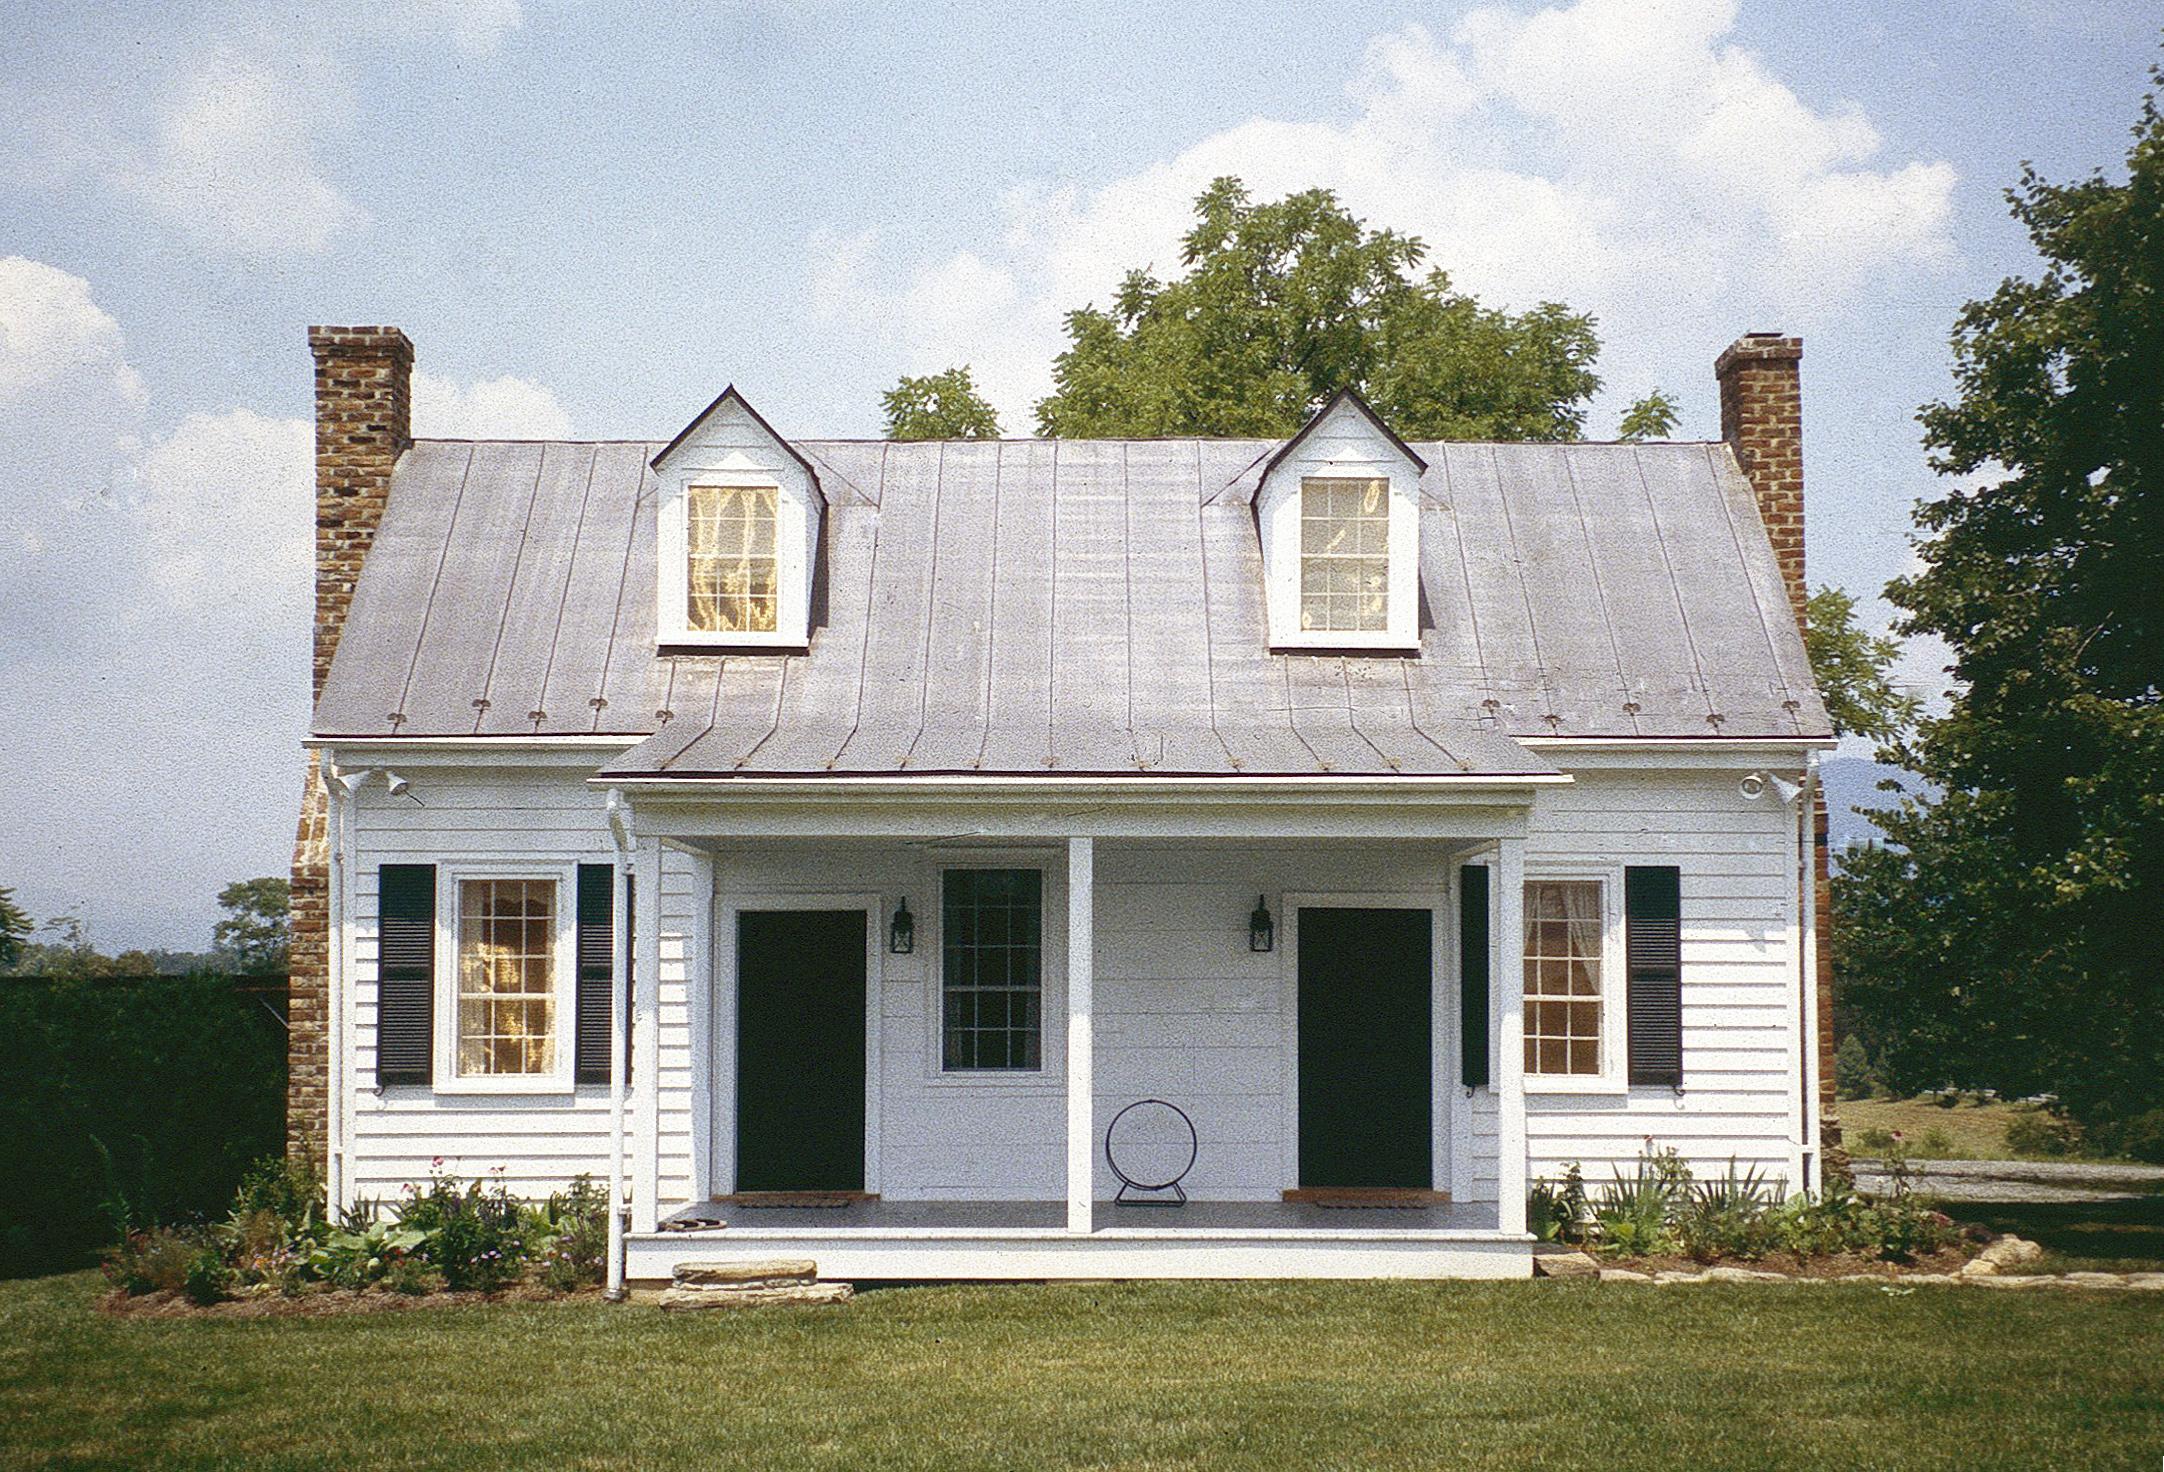 Ballard-Maupin House